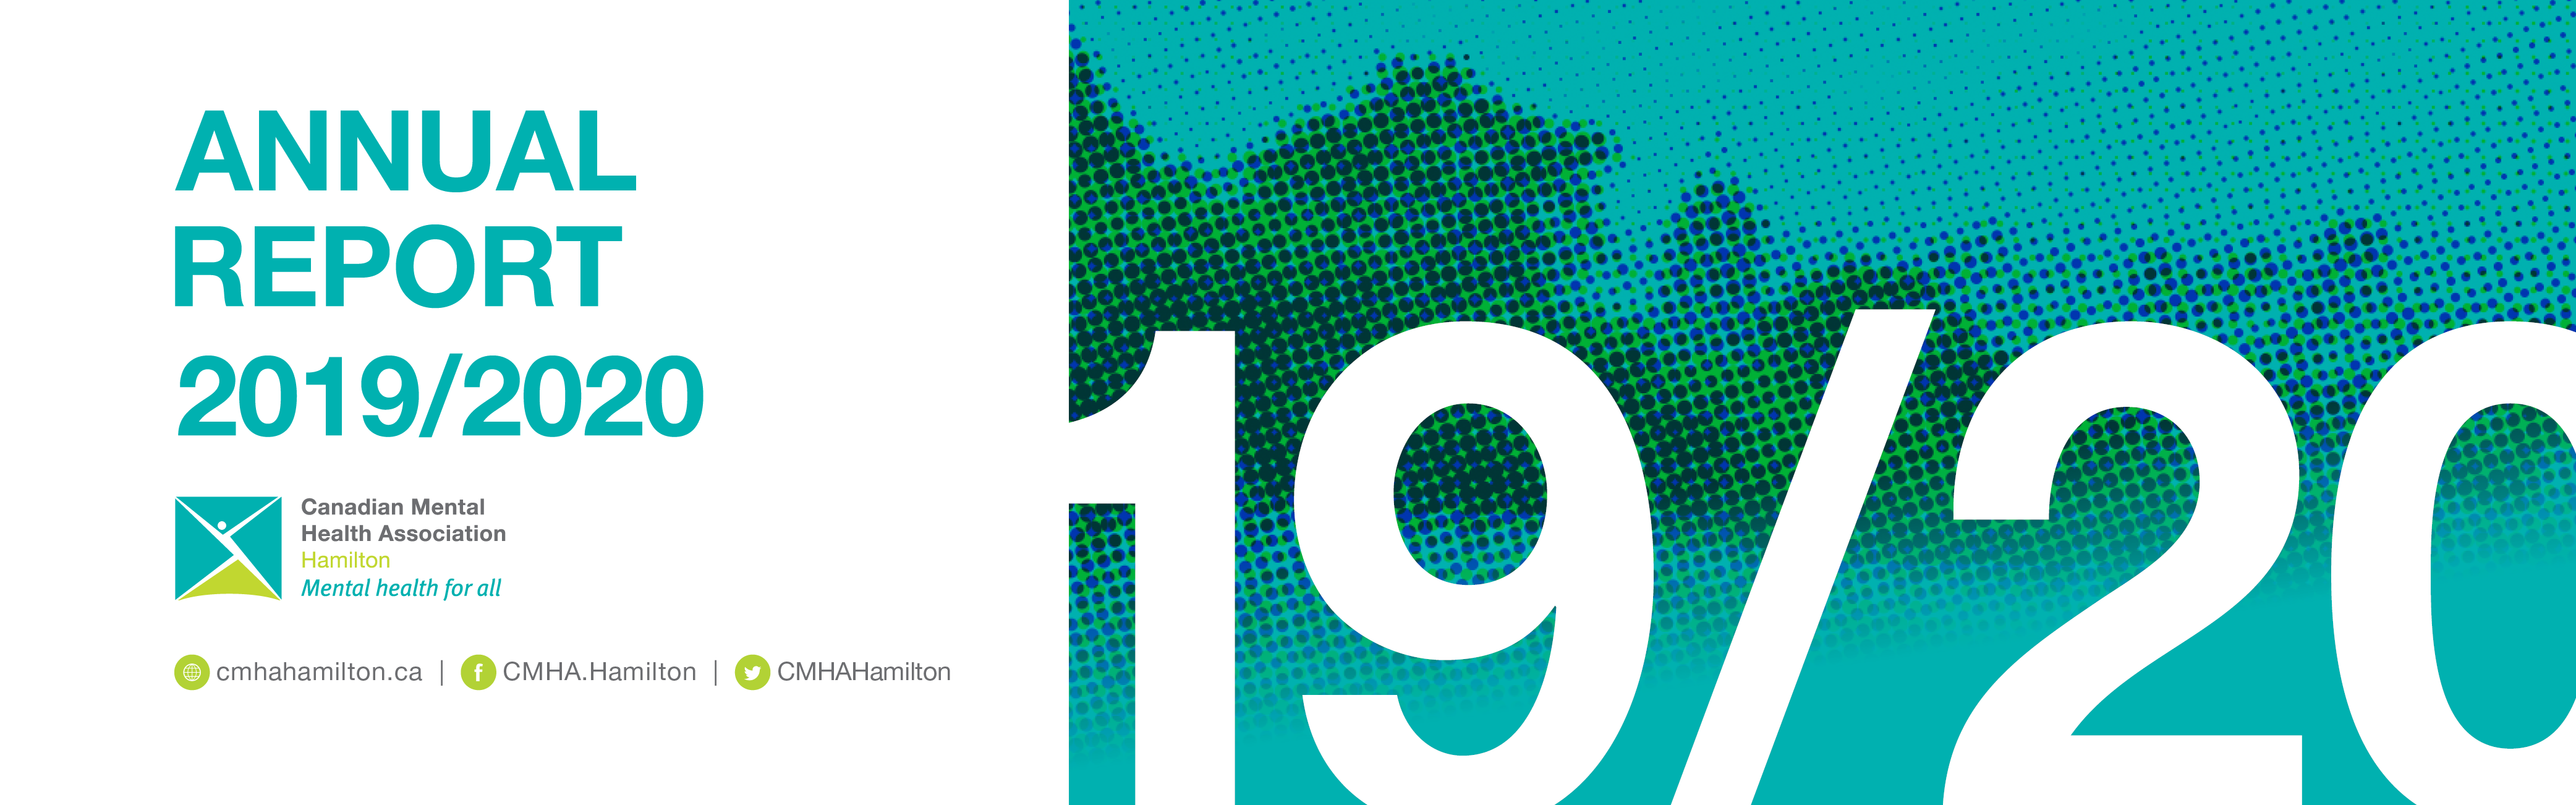 CMHA Hamilton 2019/2020 Annual Report